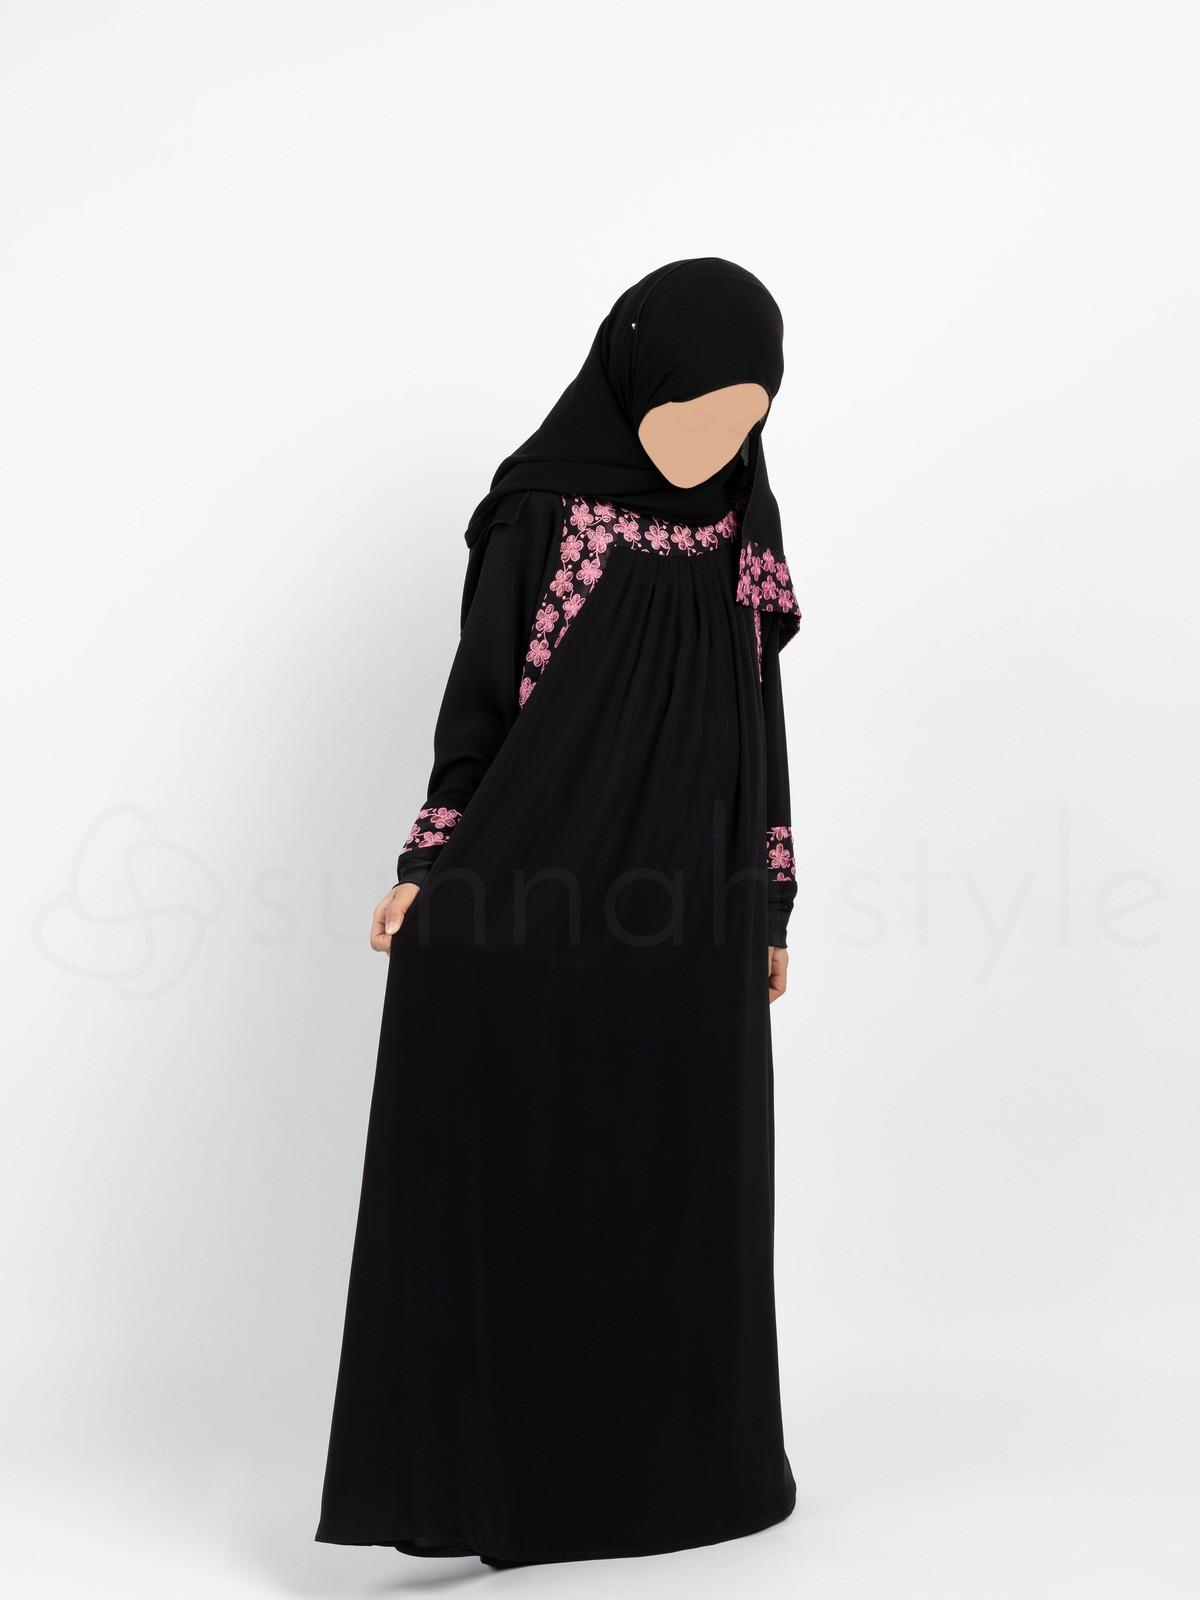 Sunnah Style - Girls Daisy Umbrella Abaya